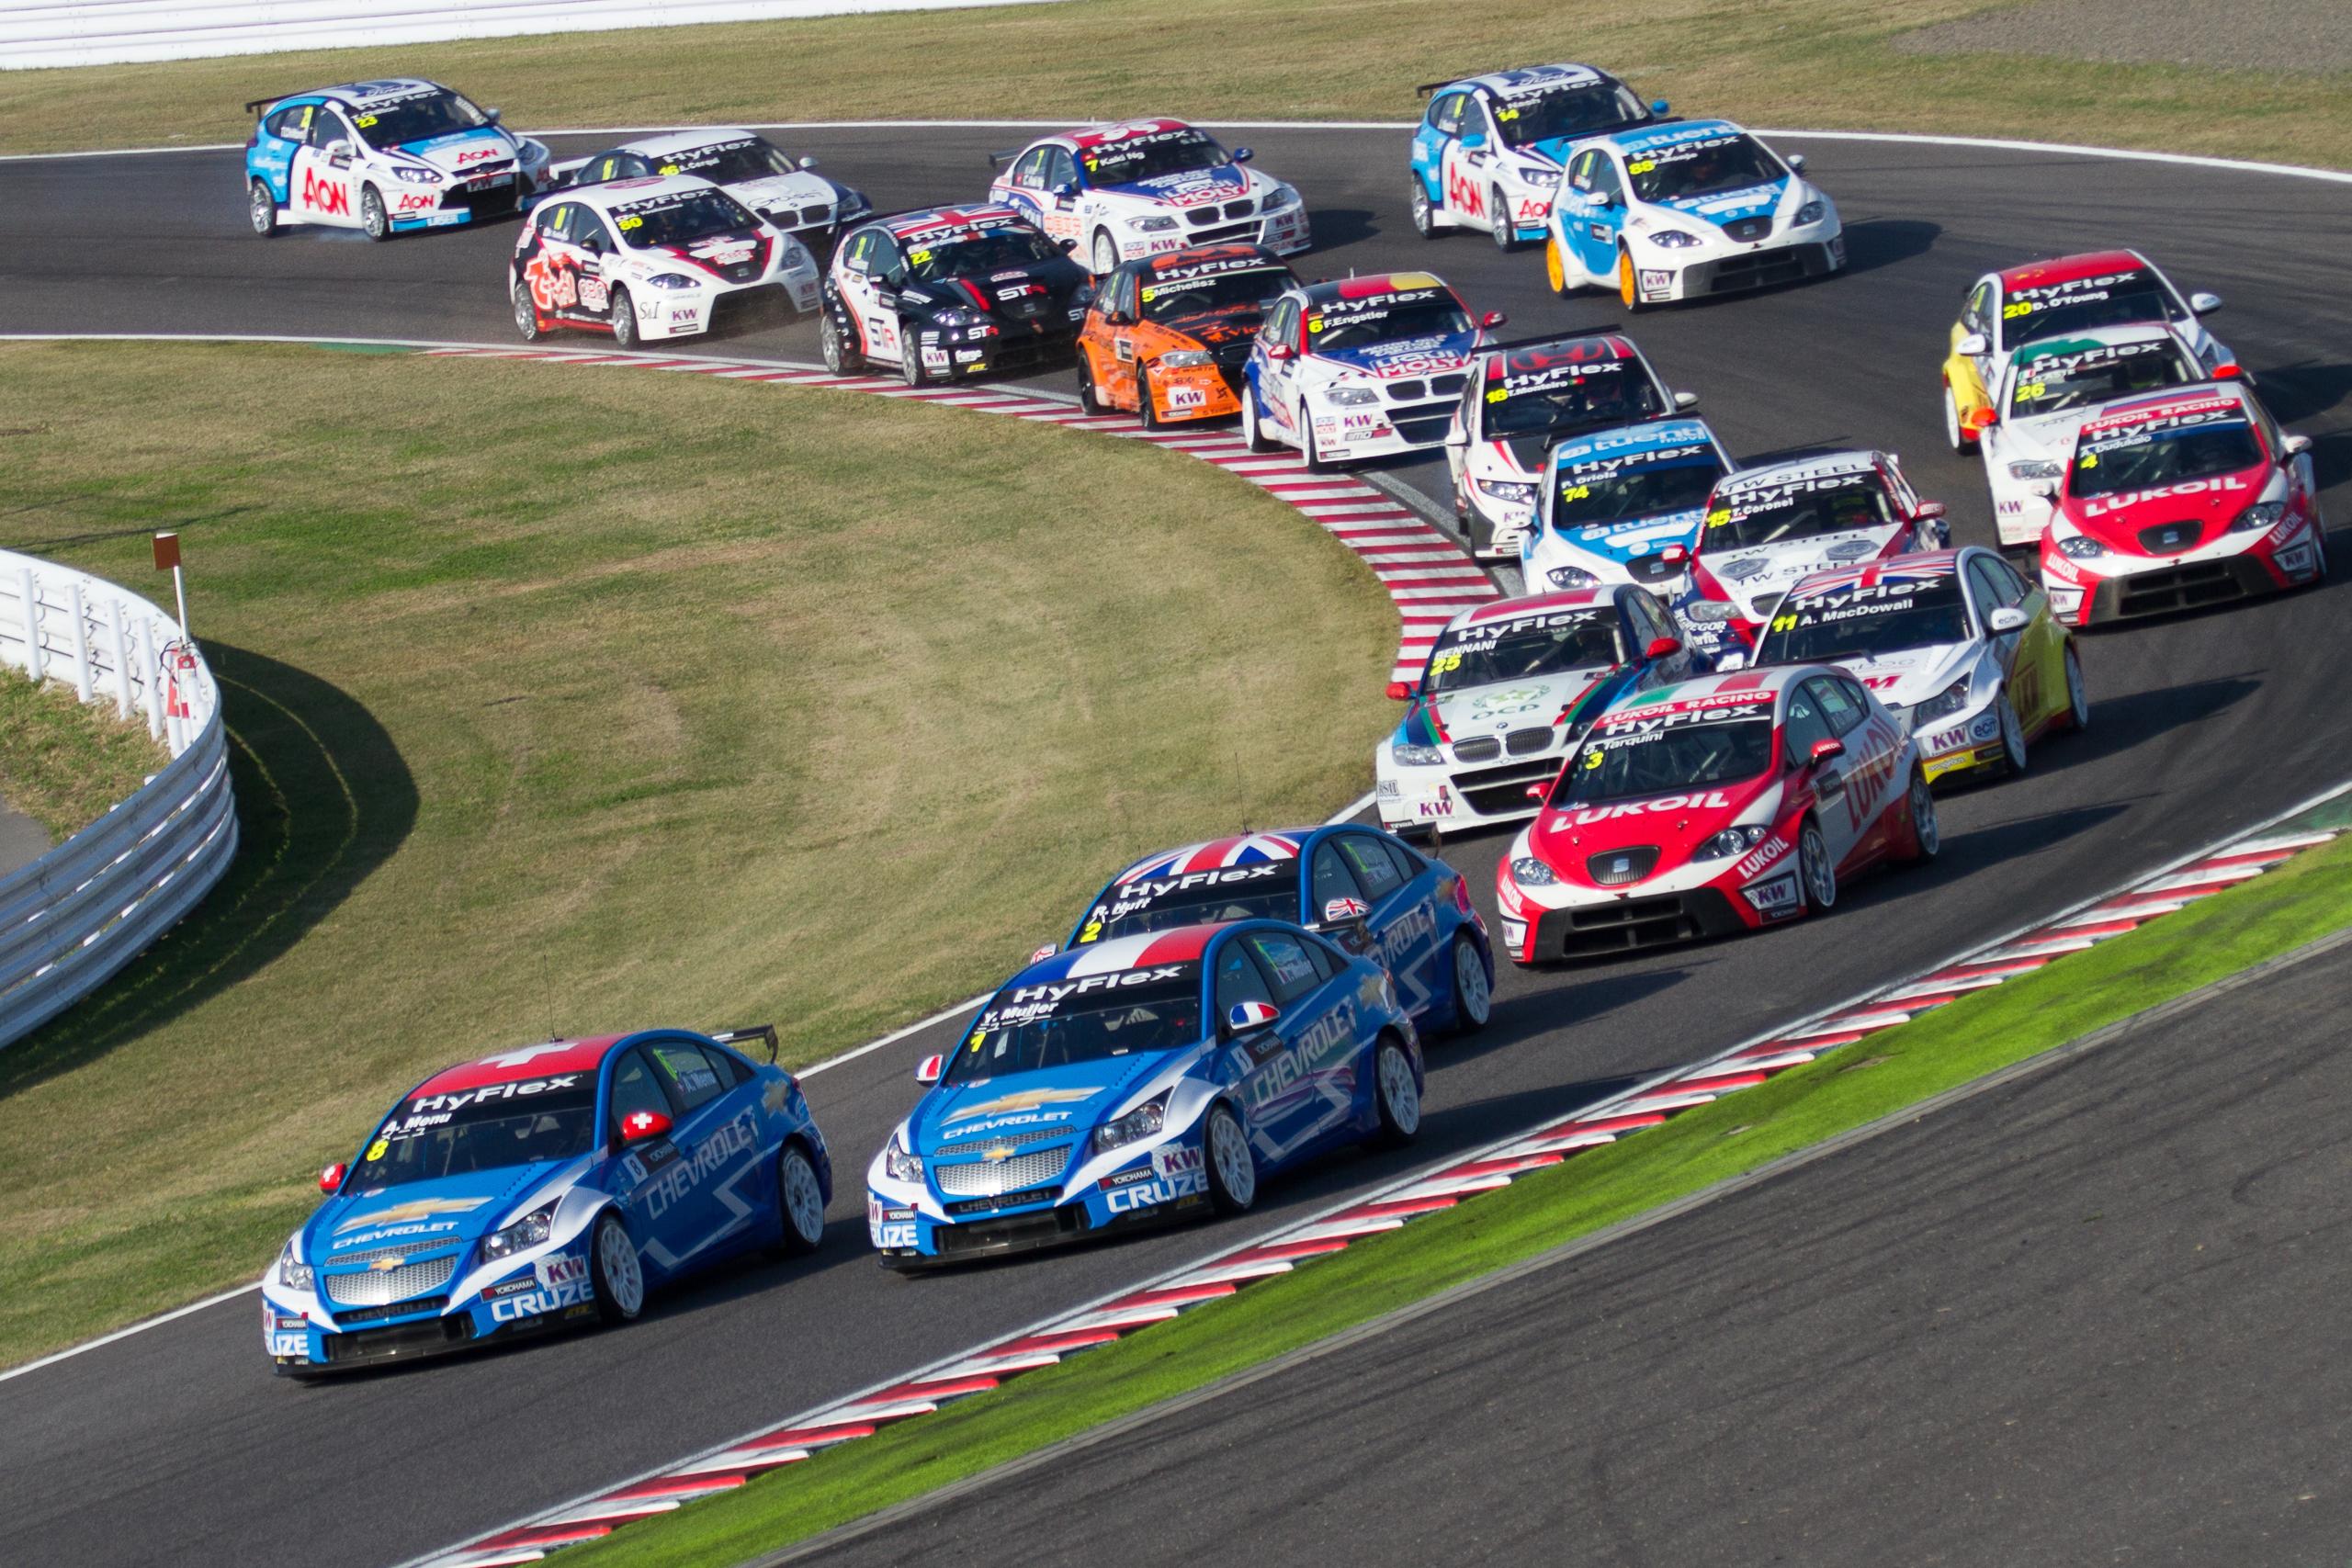 File:2012 WTCC Race of Japan (Race 1) opening lap.jpg - Wikimedia ...